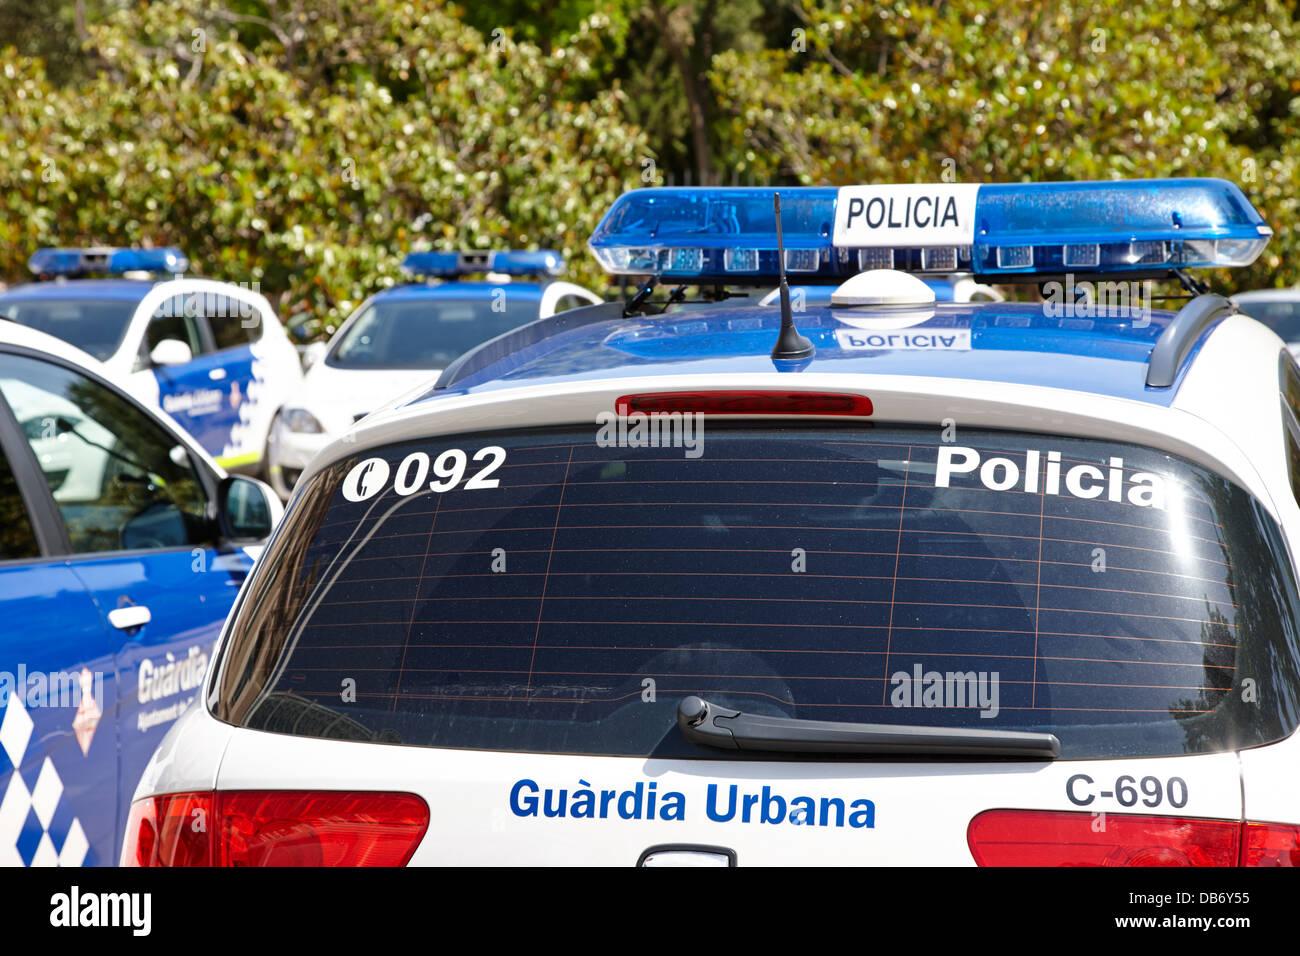 policia guardia urbana patrol cars Barcelona Catalonia Spain - Stock Image